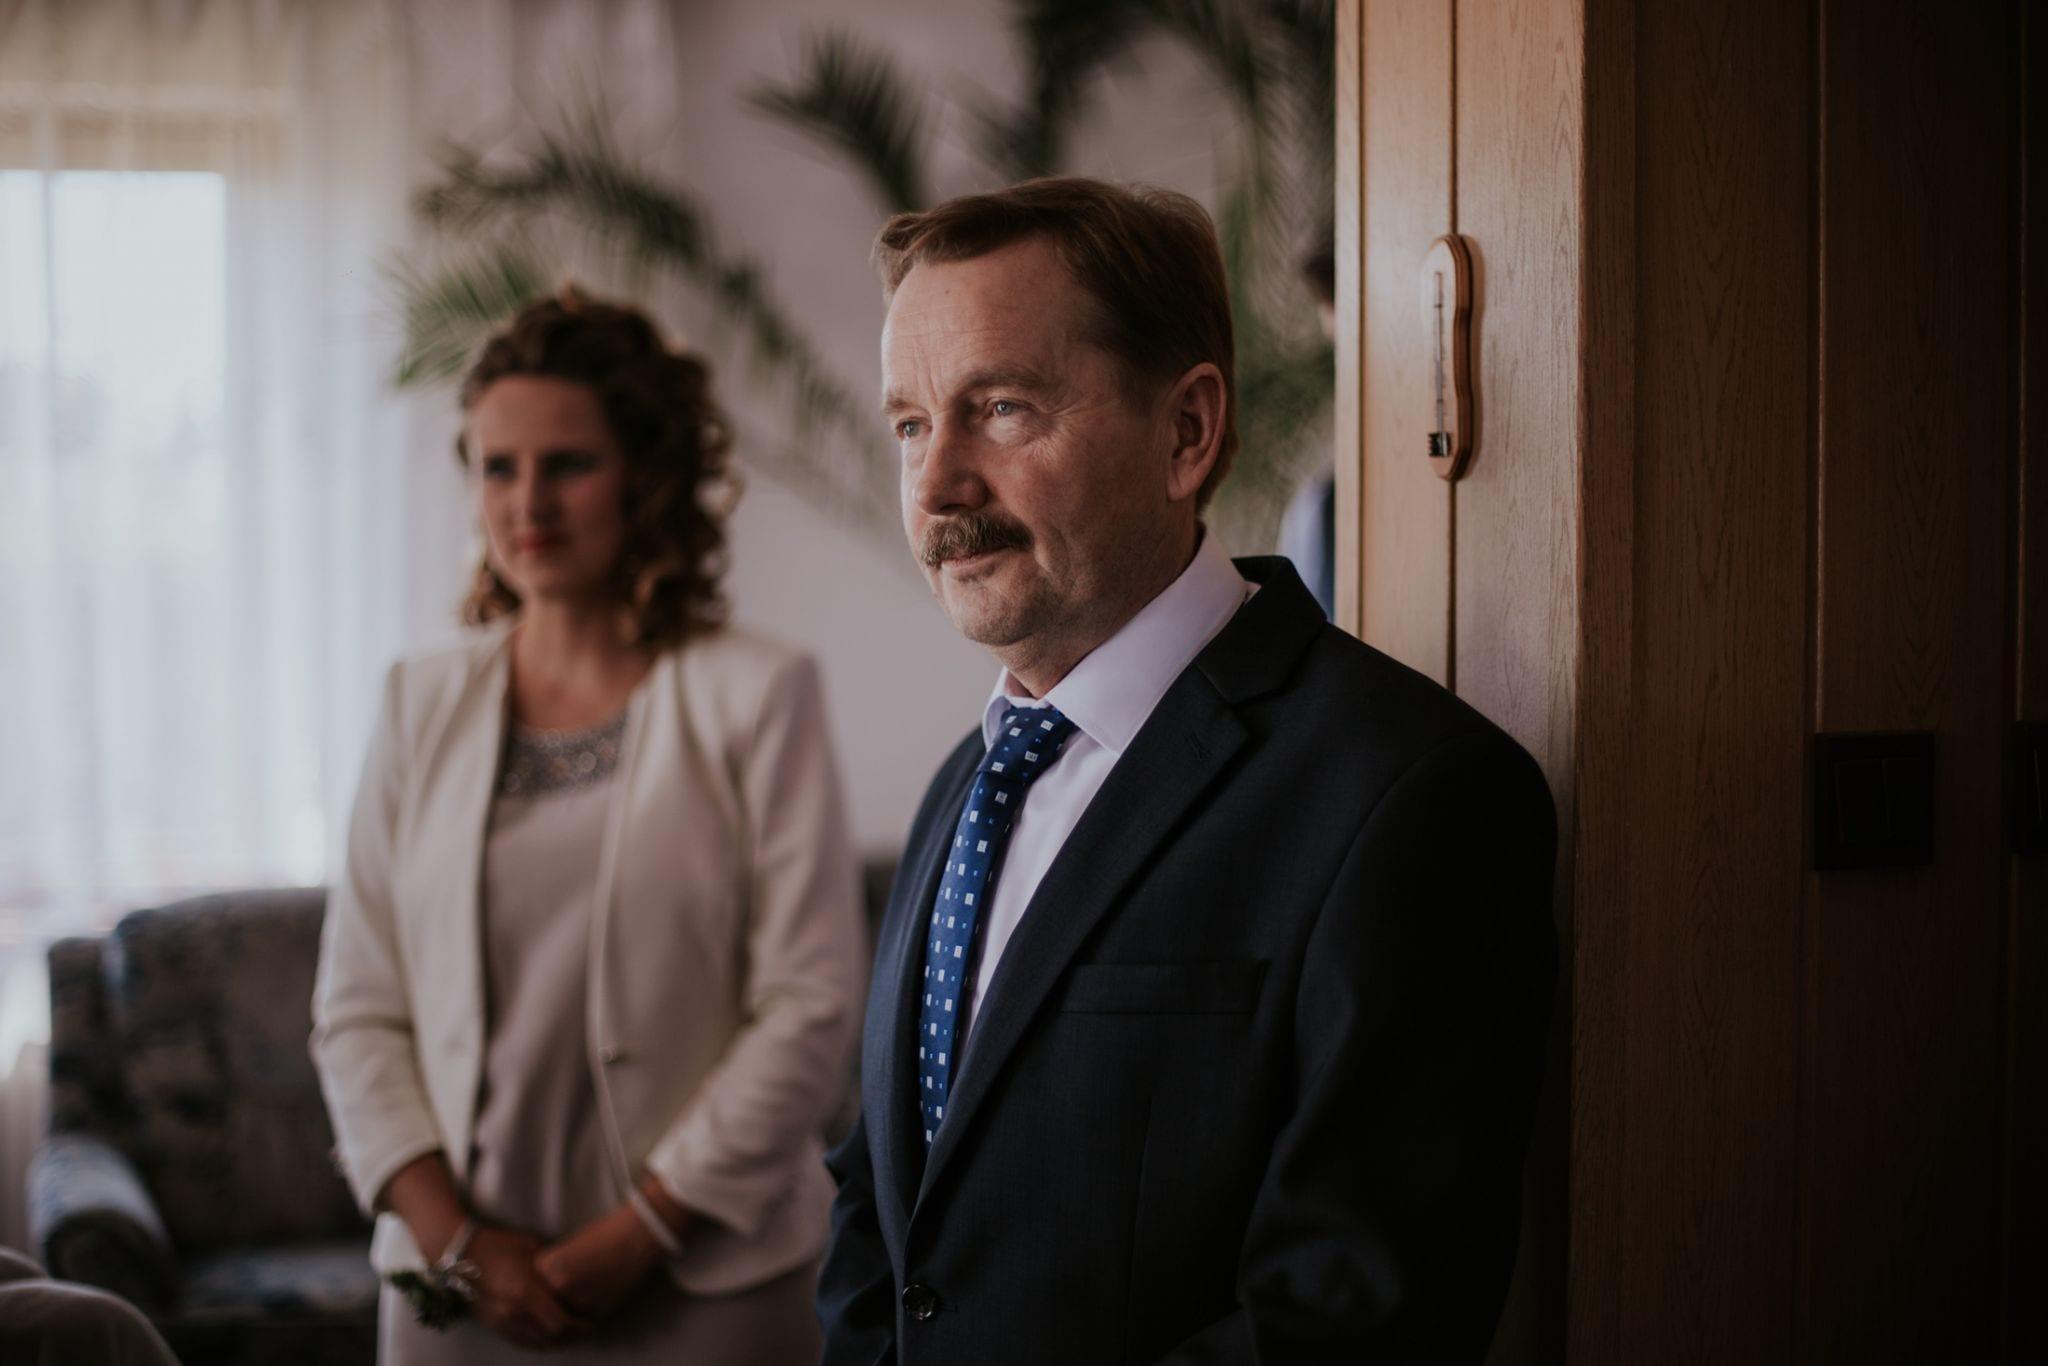 Kasia & Bartosz <br>Ślub w Bielsku-Białej 30